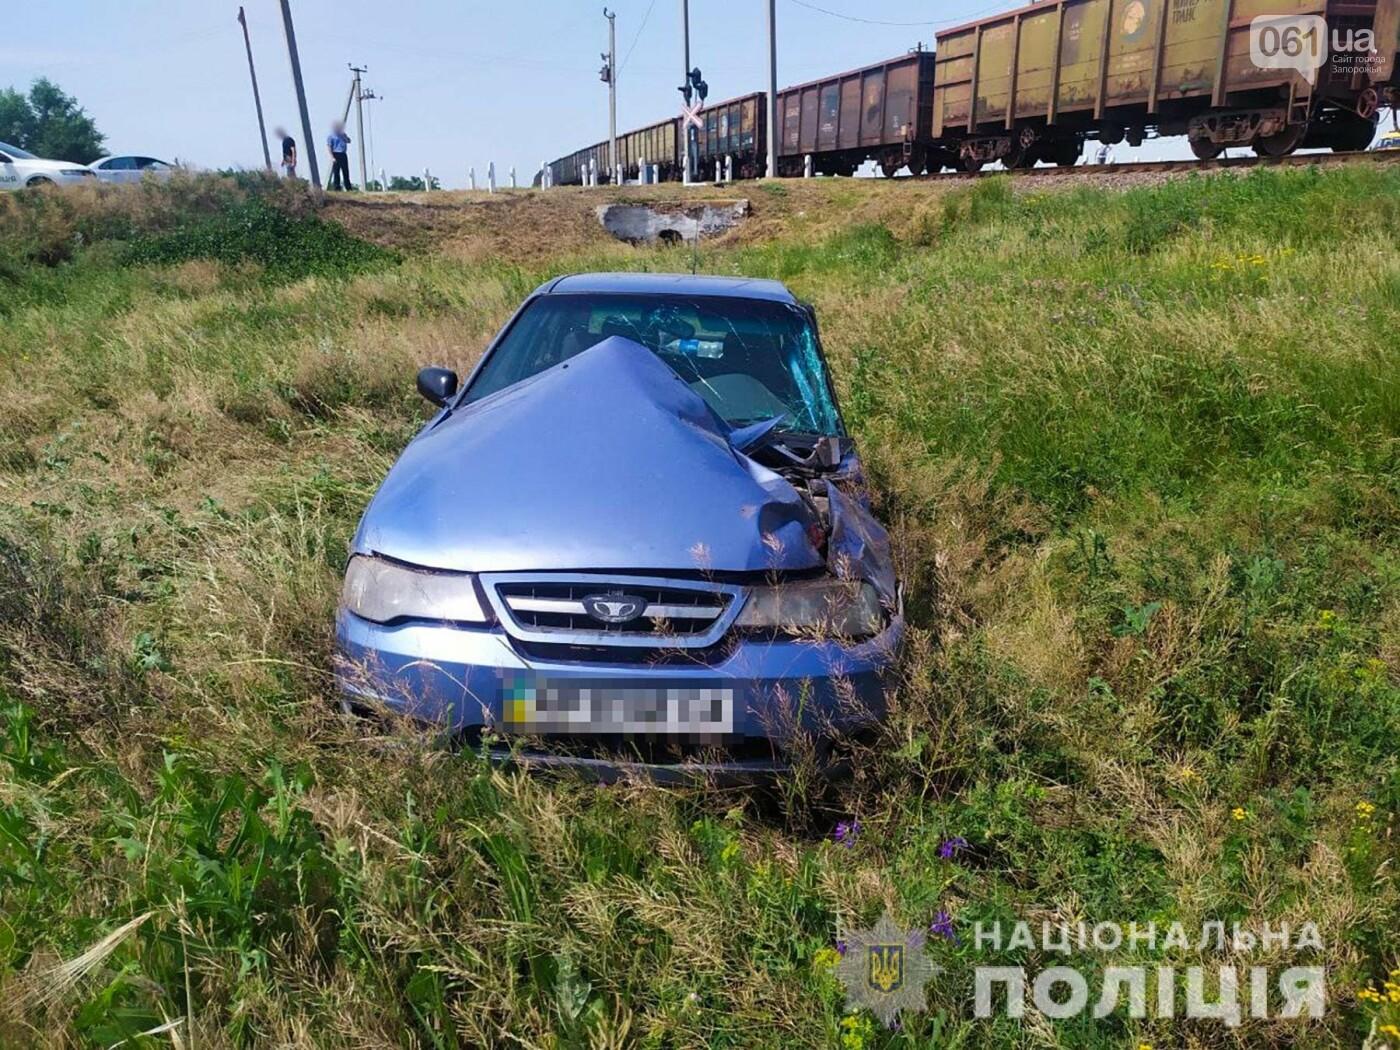 dtp1 60d60c61d41fb - В Запорожской области грузовой поезд столкнулся с легковушкой: в ДТП пострадали двое человек, - ФОТО